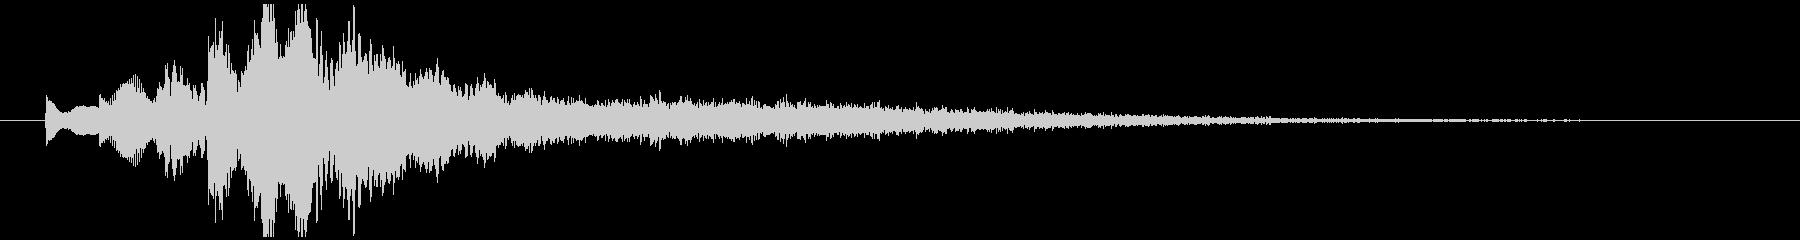 起動音 シンプル クール システムオン3の未再生の波形